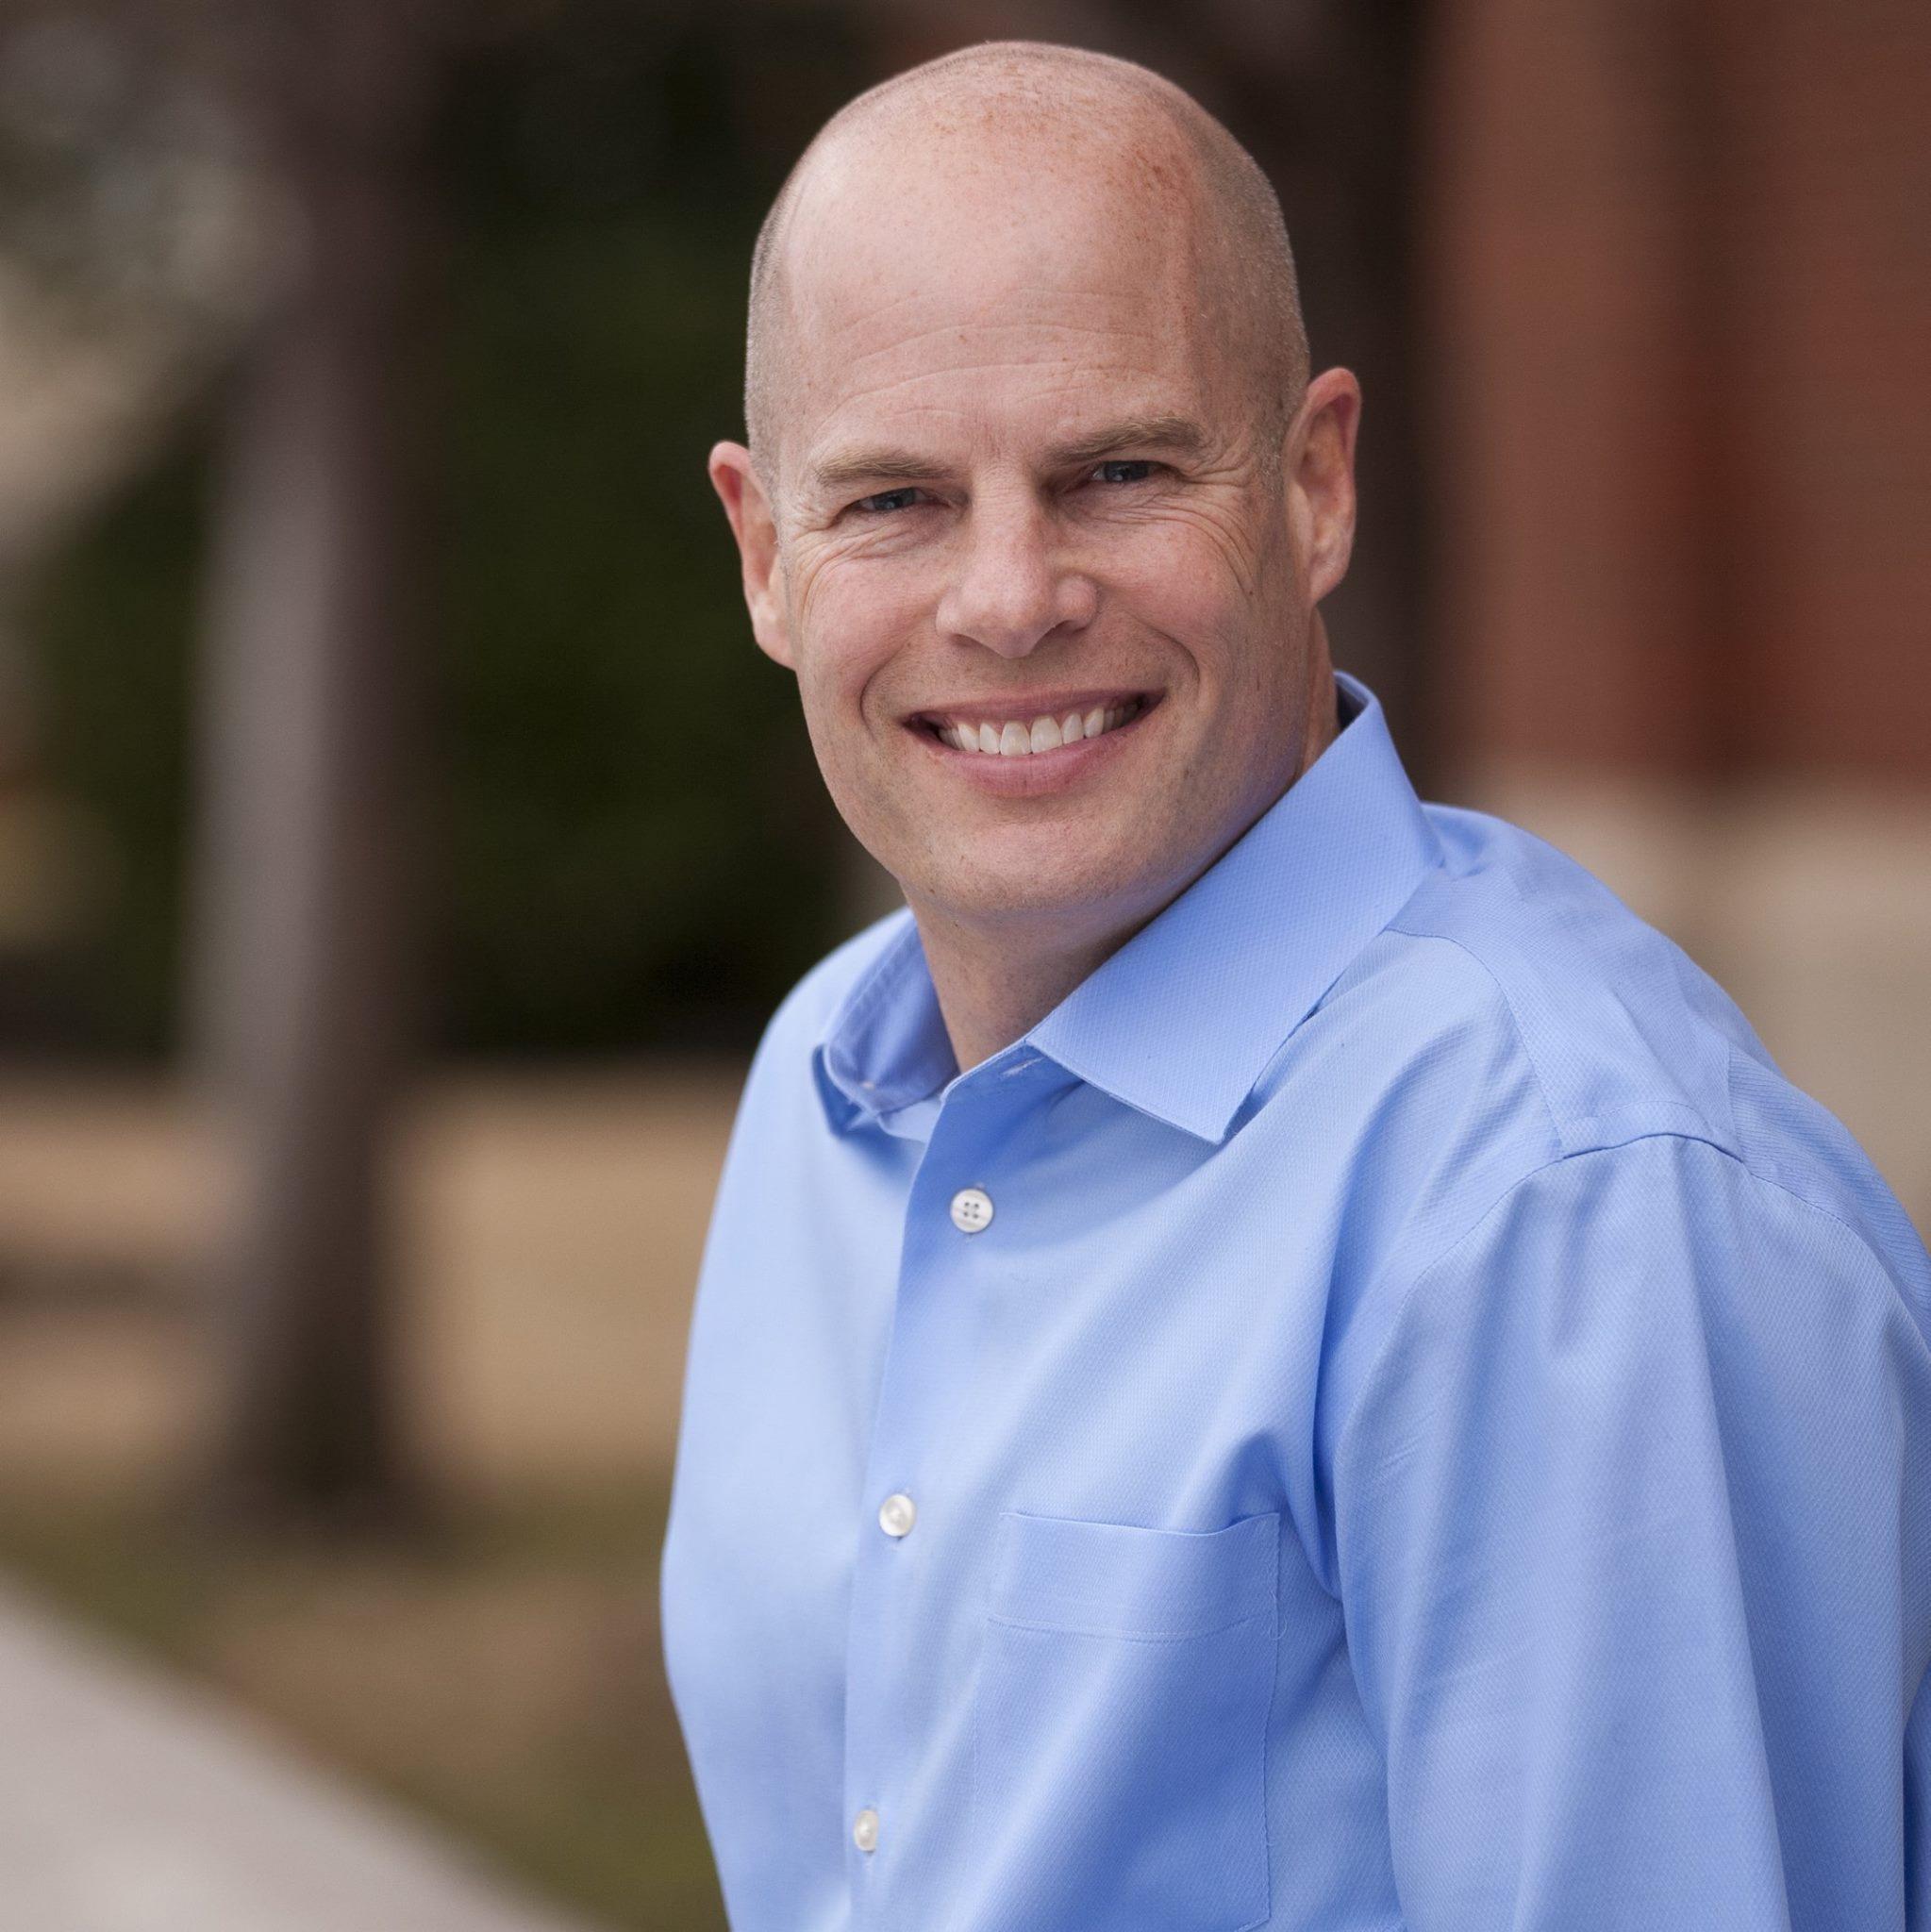 JEFF WARREN // Pastor of Park Cities Baptist Church